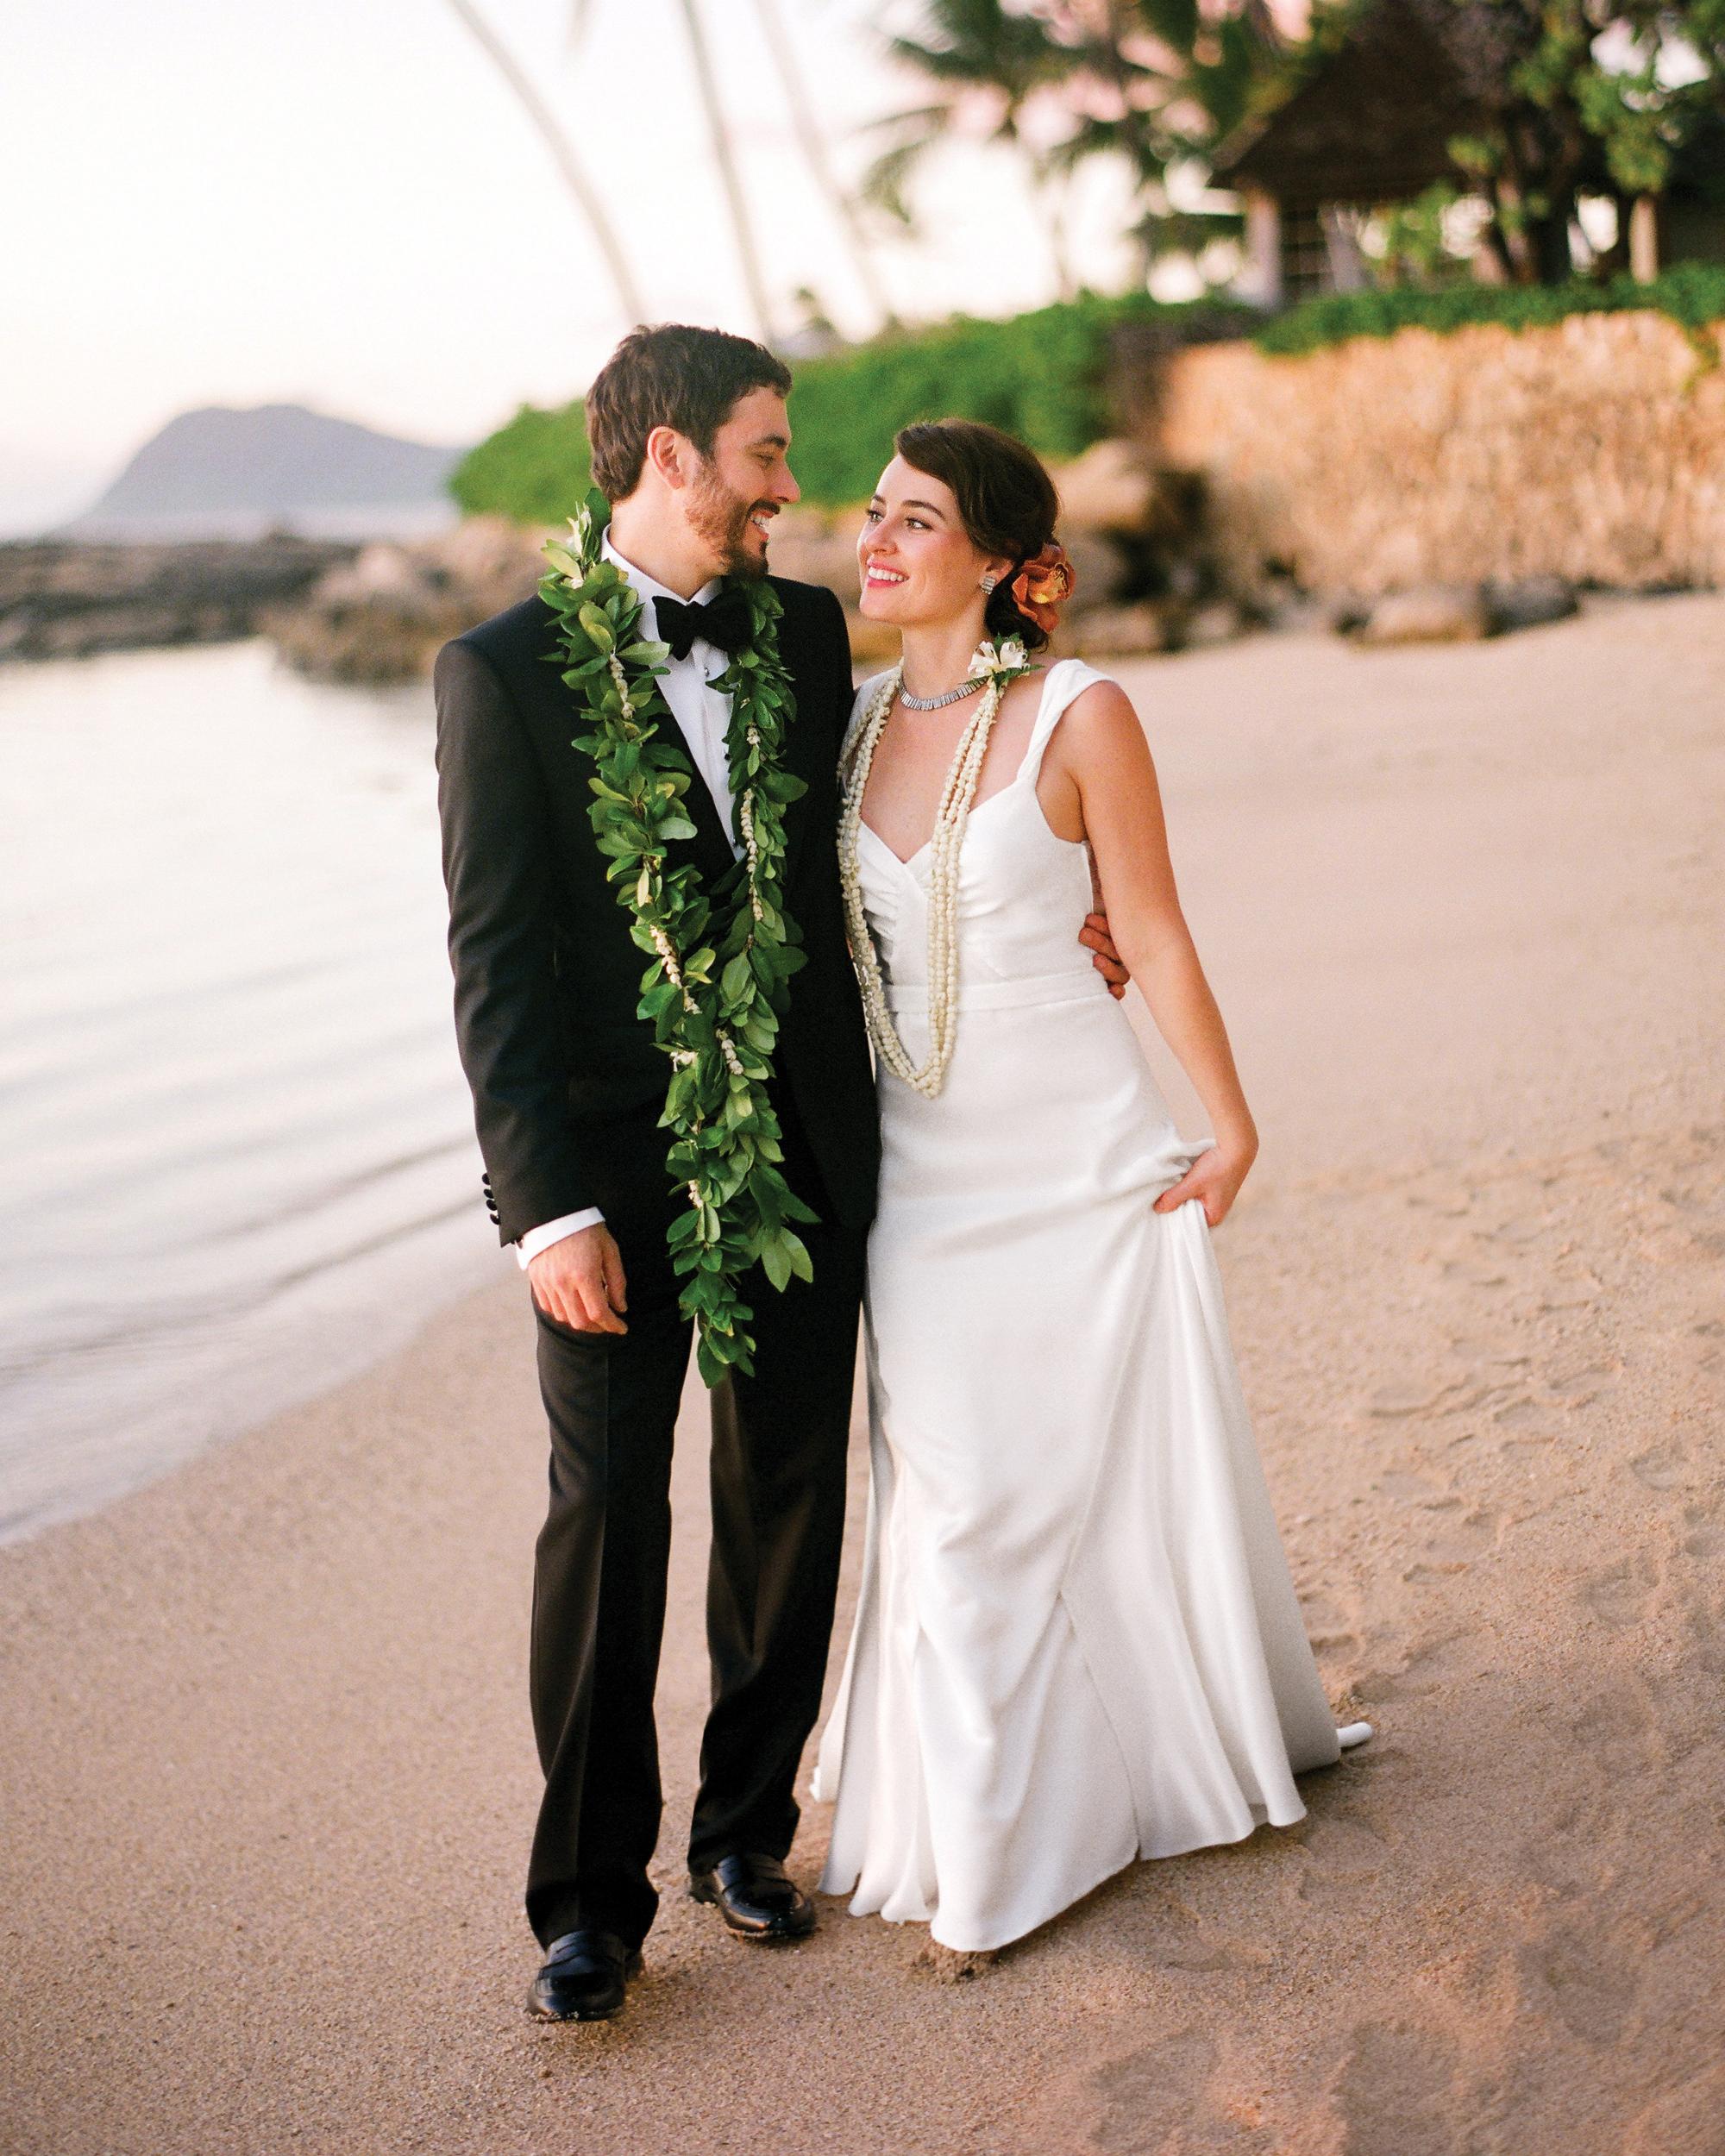 couple-beach-sum11mwds107171-116-74360024.jpg